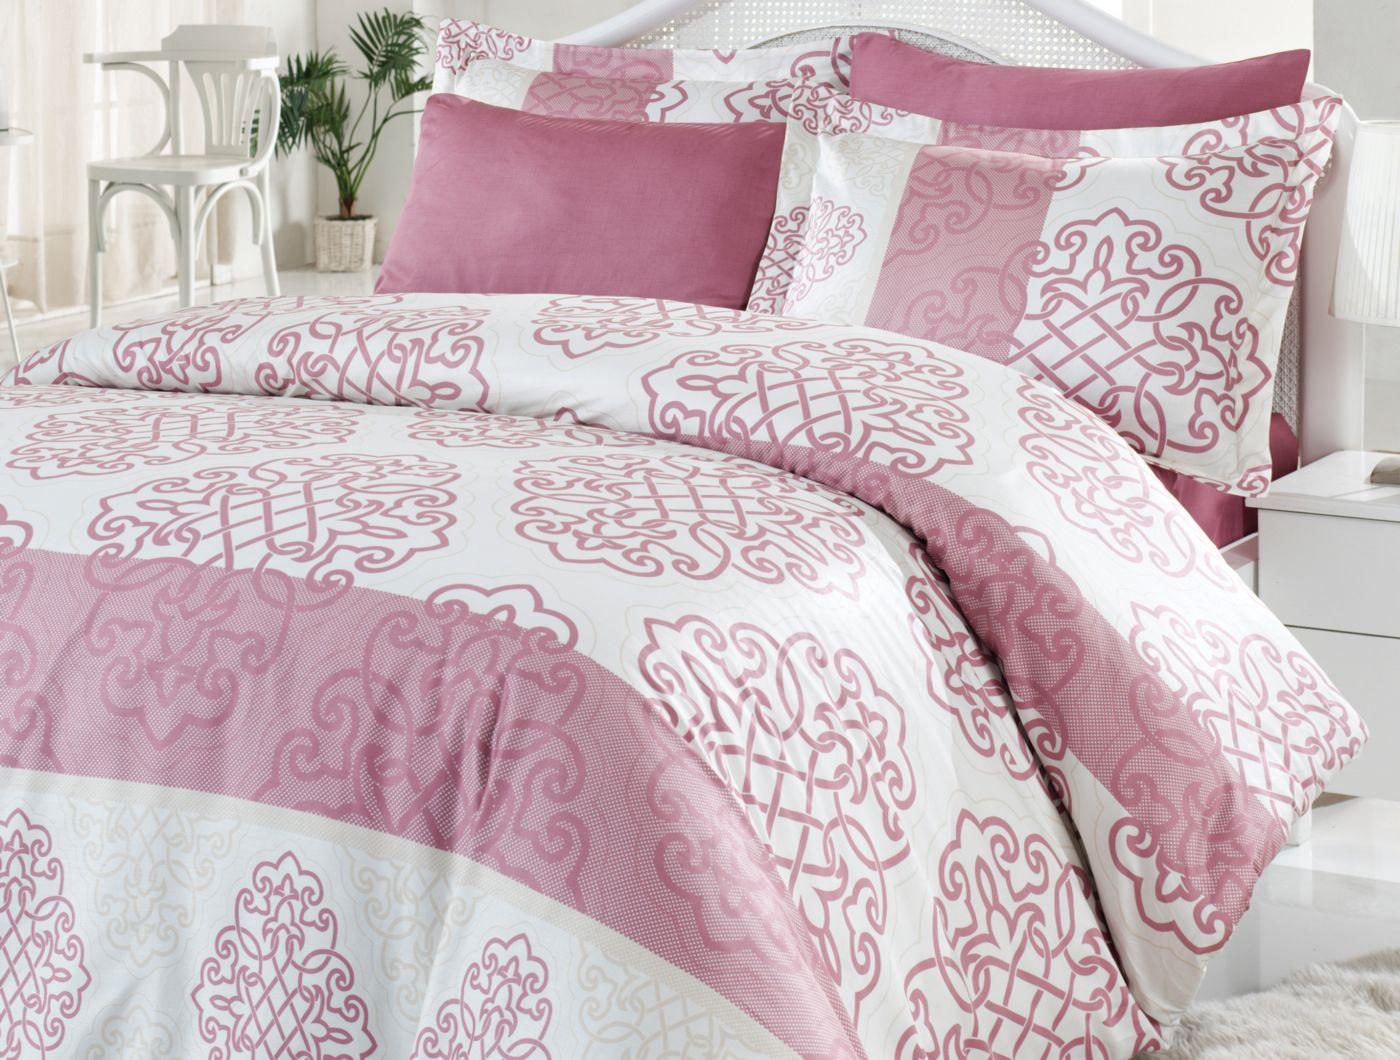 irya 6 tlg satin bettw sche set sarayli 200x220 cm rose bettw sche der webstoff aus dem die. Black Bedroom Furniture Sets. Home Design Ideas